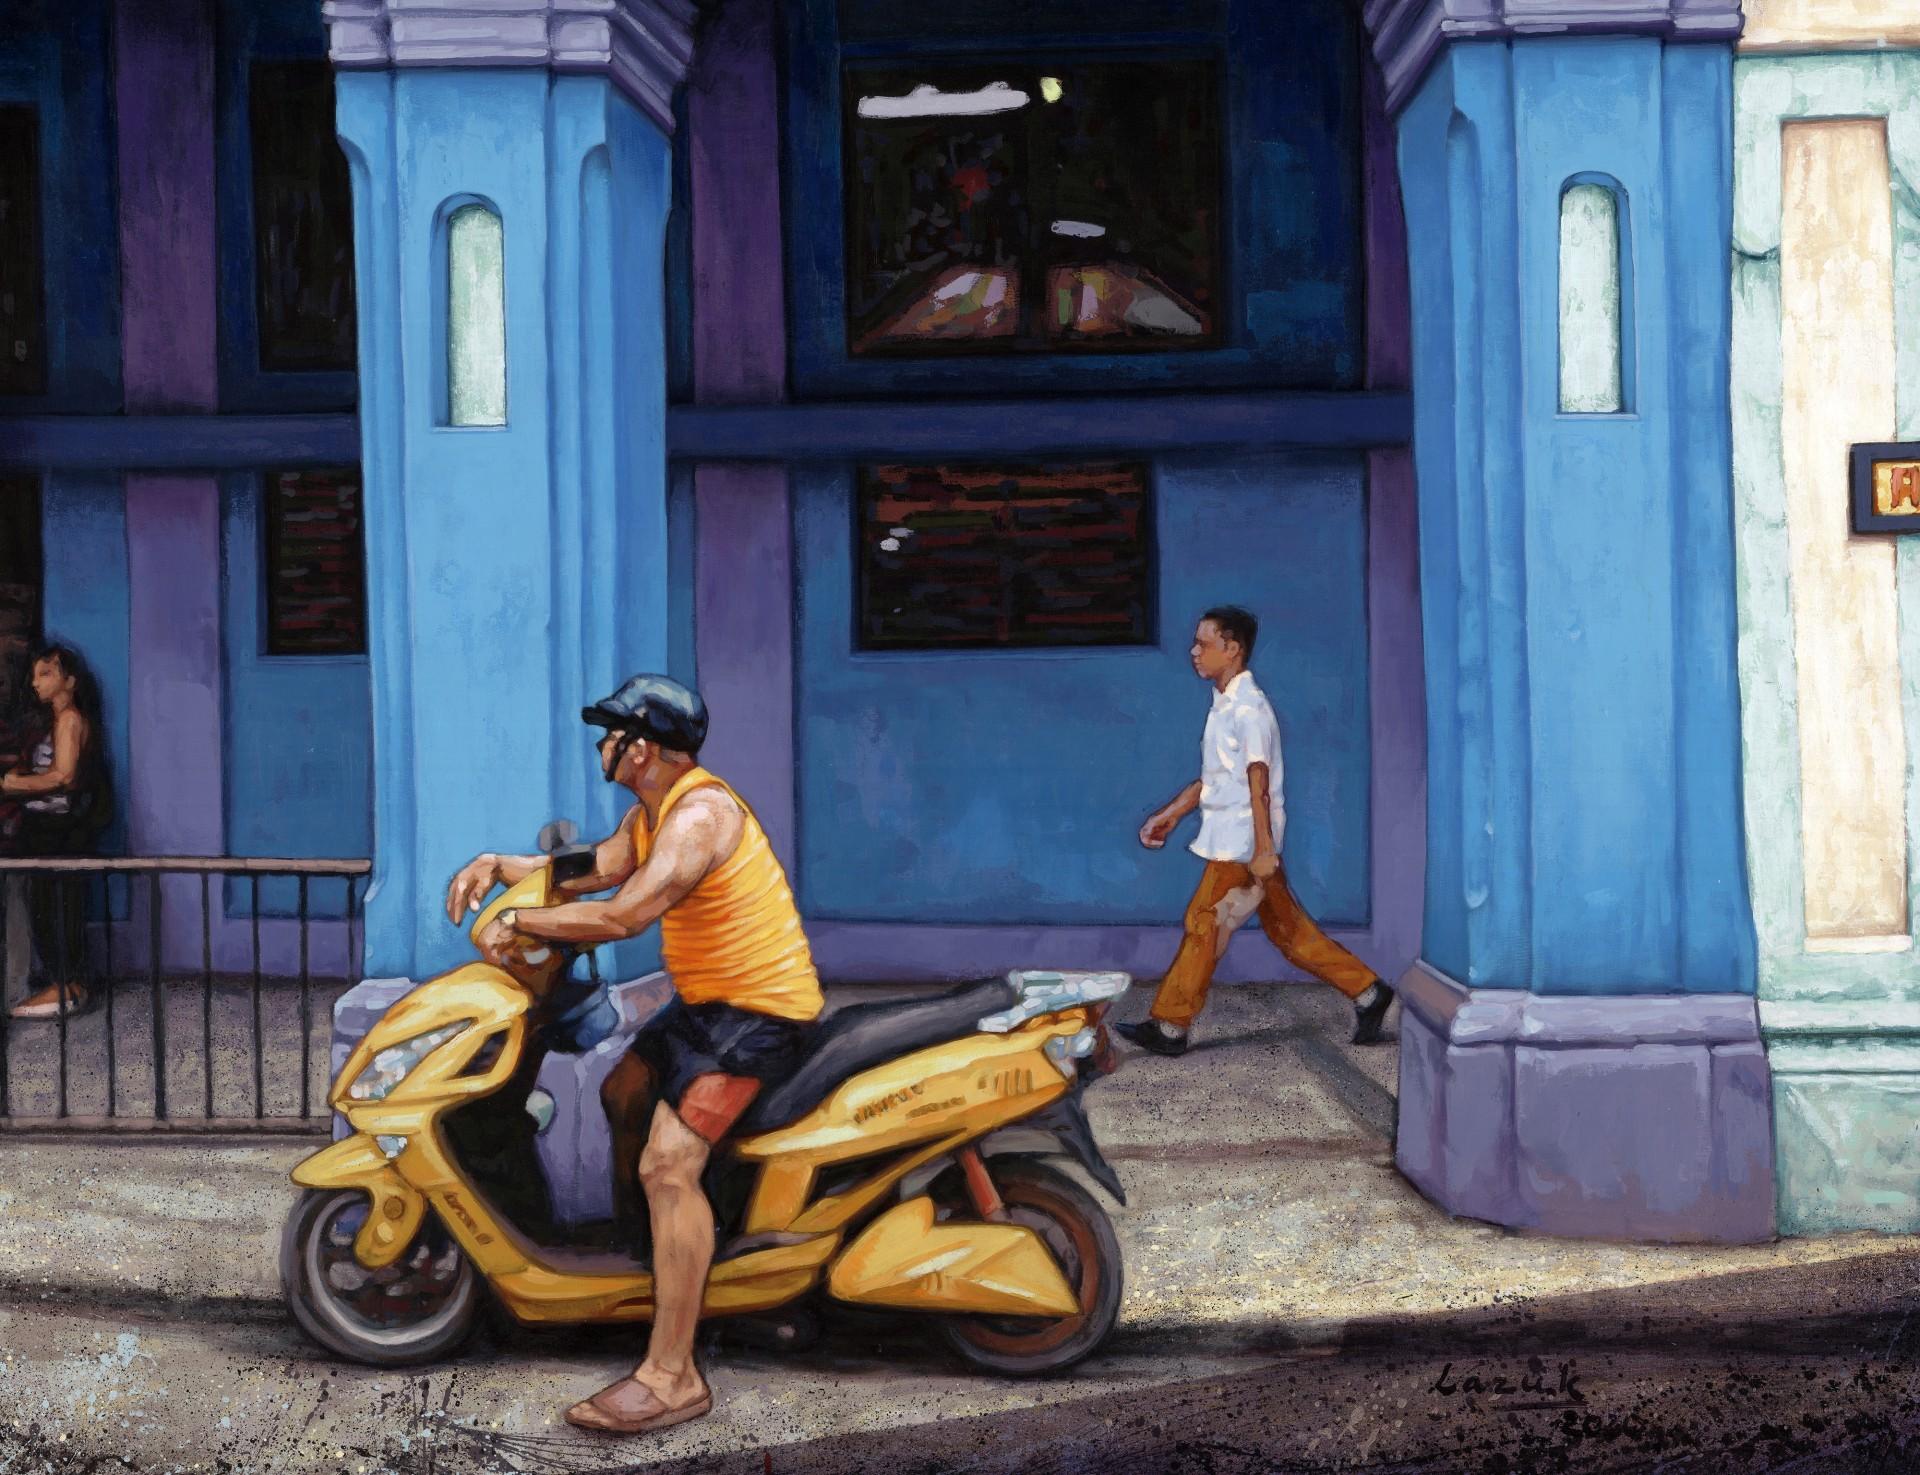 Havana no. 3